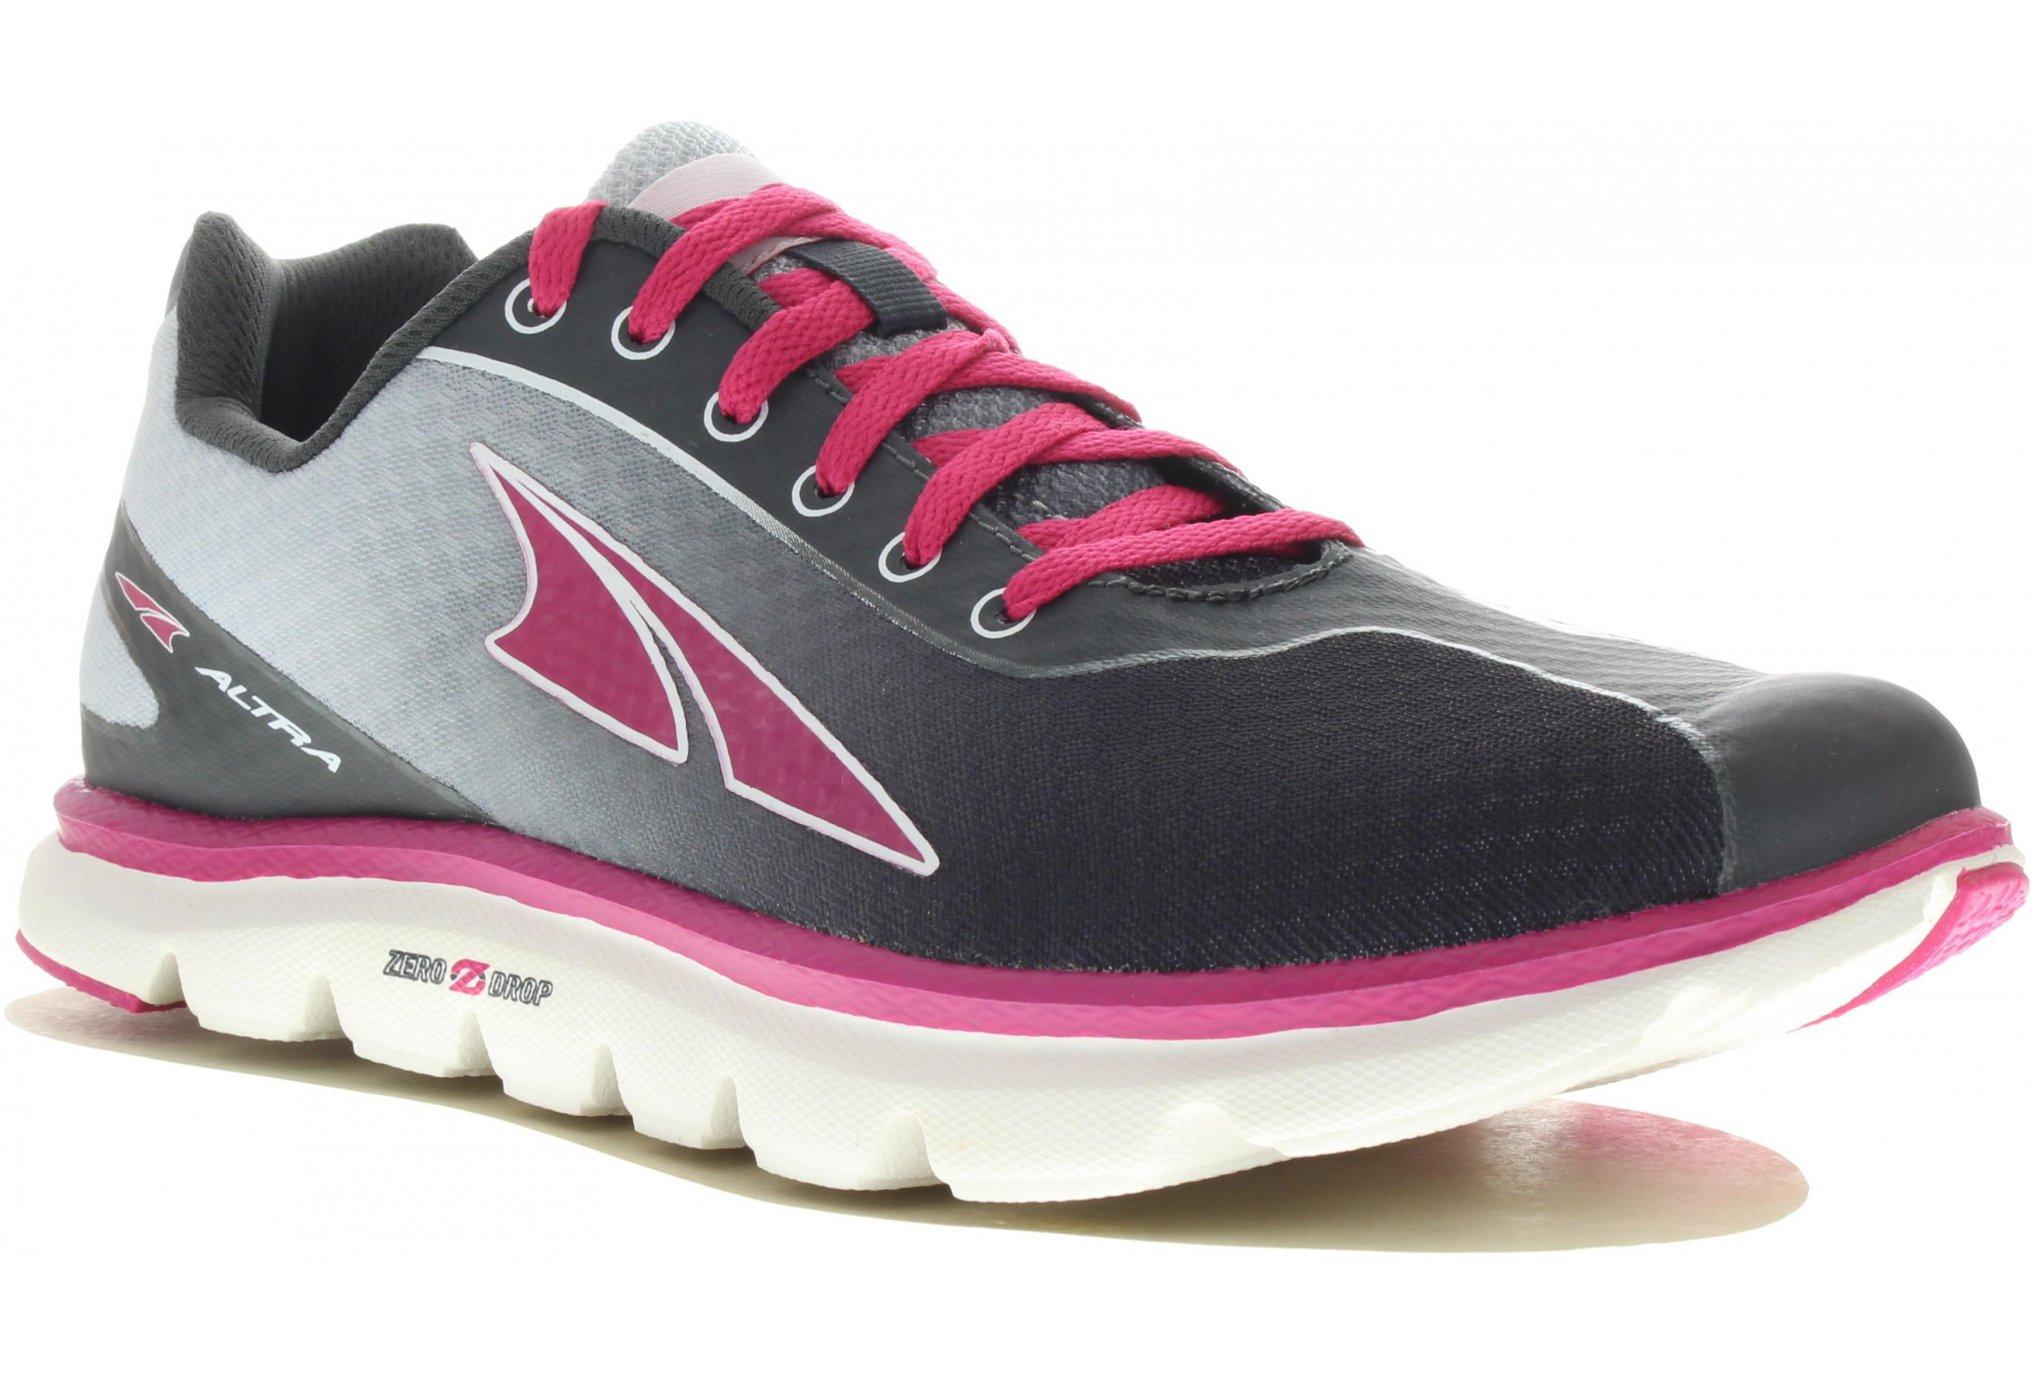 Altra One 2.5 W Diététique Chaussures femme